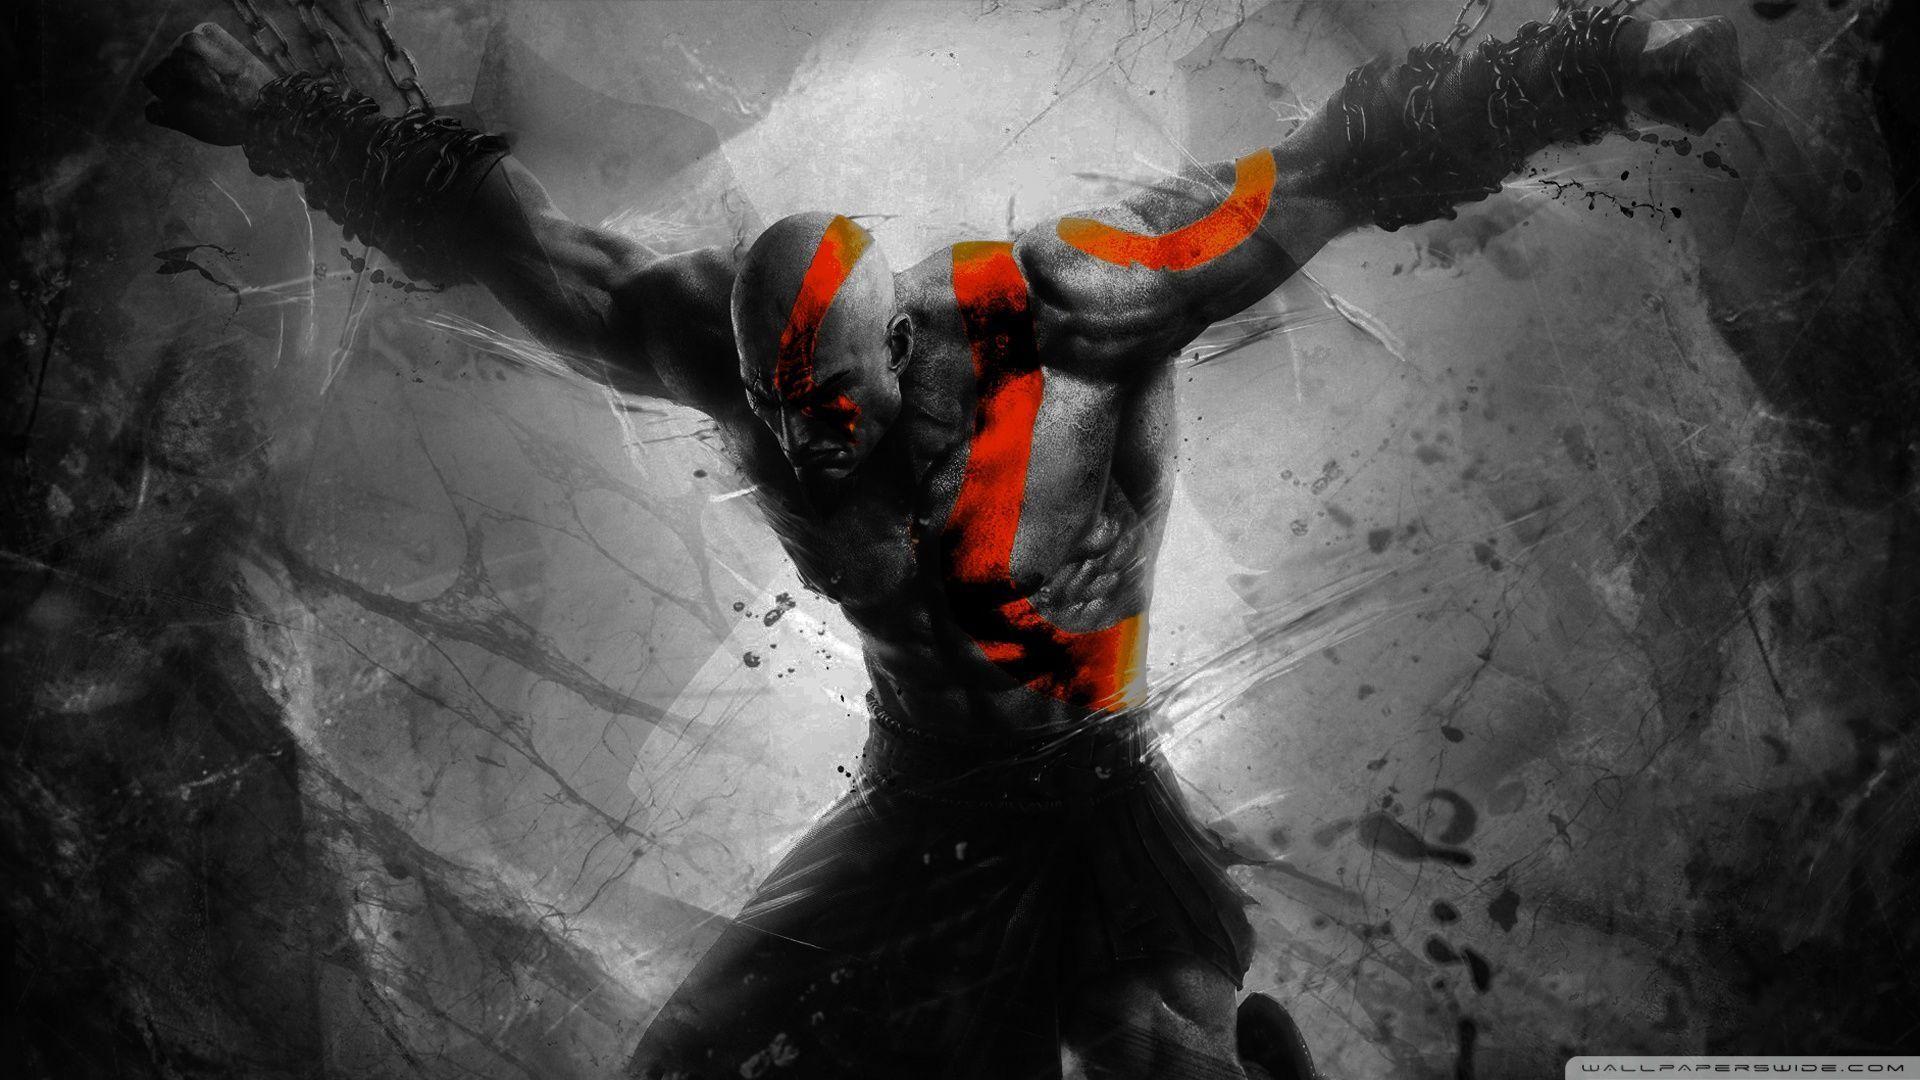 God Of War Ps4 Wallpaper 1080p By Claterz God Of War Kratos God Of War Cover Wallpaper